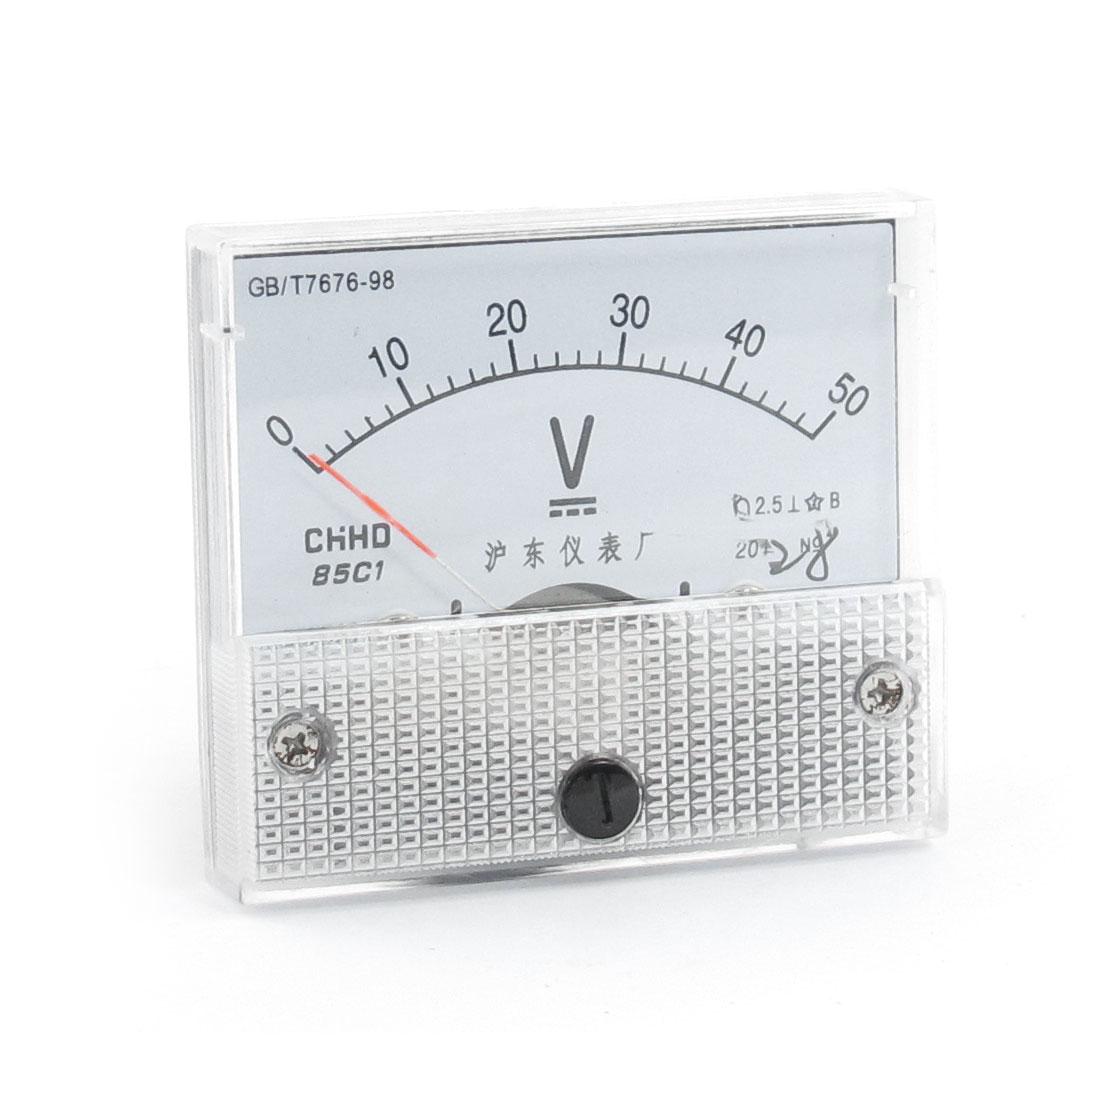 Screw Mounting Head Voltage Test DC 50V Analog Volt Meter Panel